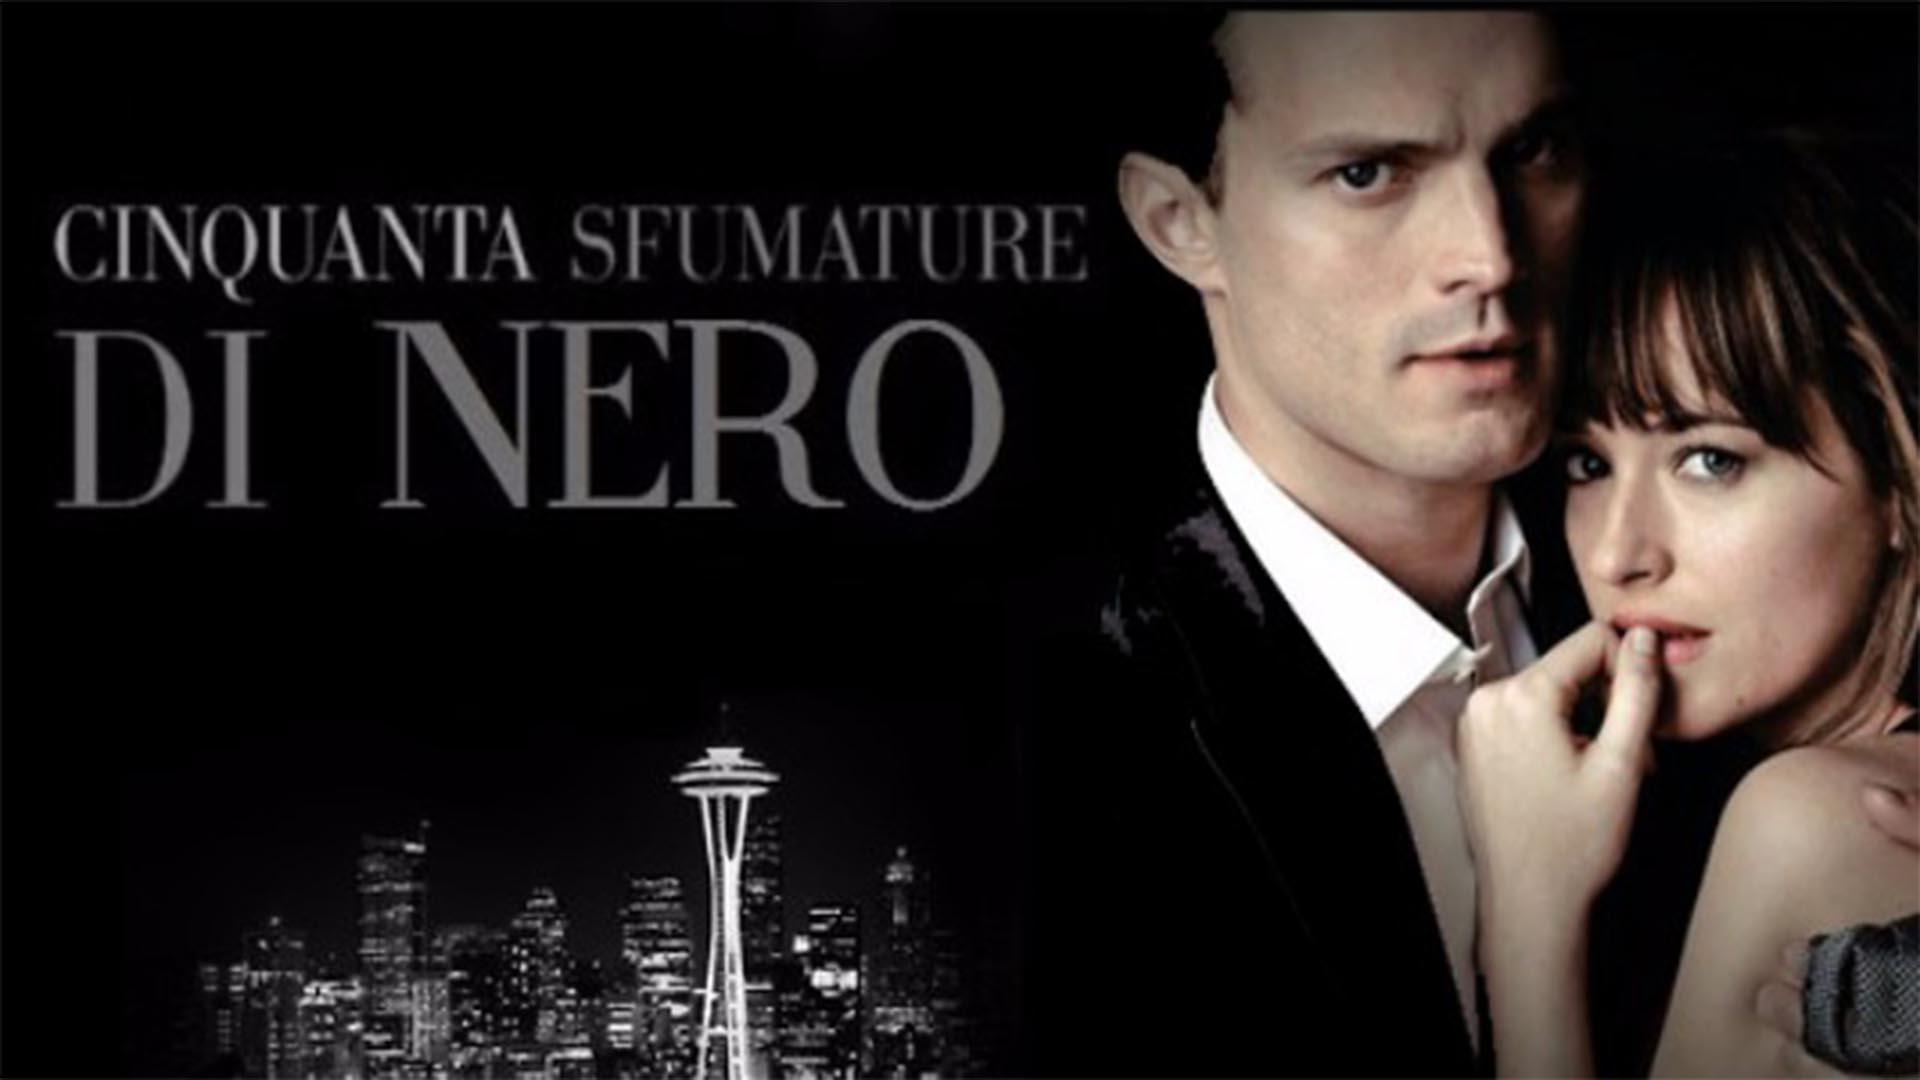 Cinquanta Sfumature Di Nero Nuovo Trailer Italiano Hd Youtube